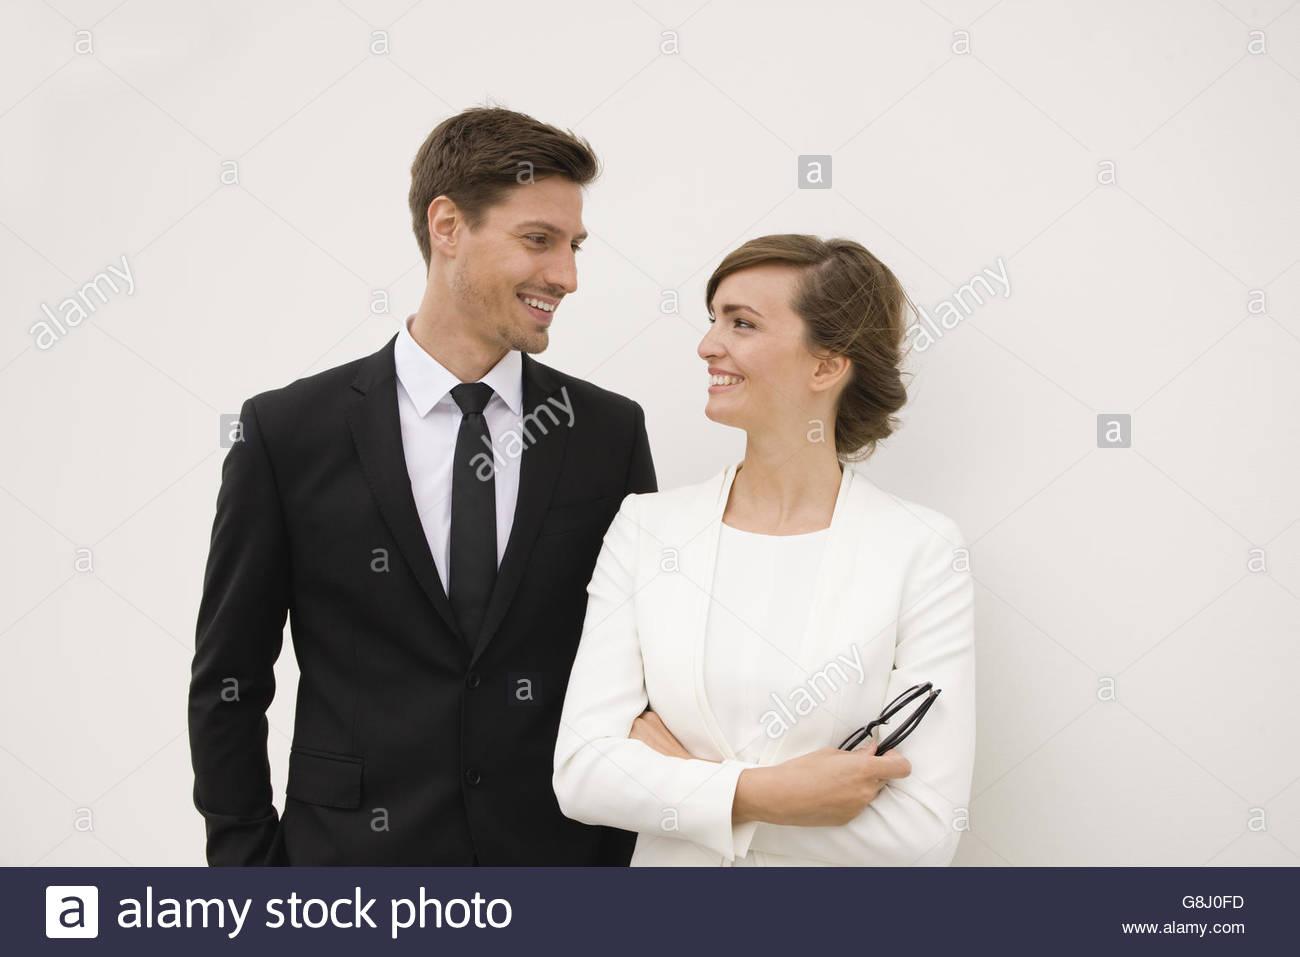 Compañeros de trabajo en blanco y negro sonriente en cada otros Imagen De Stock